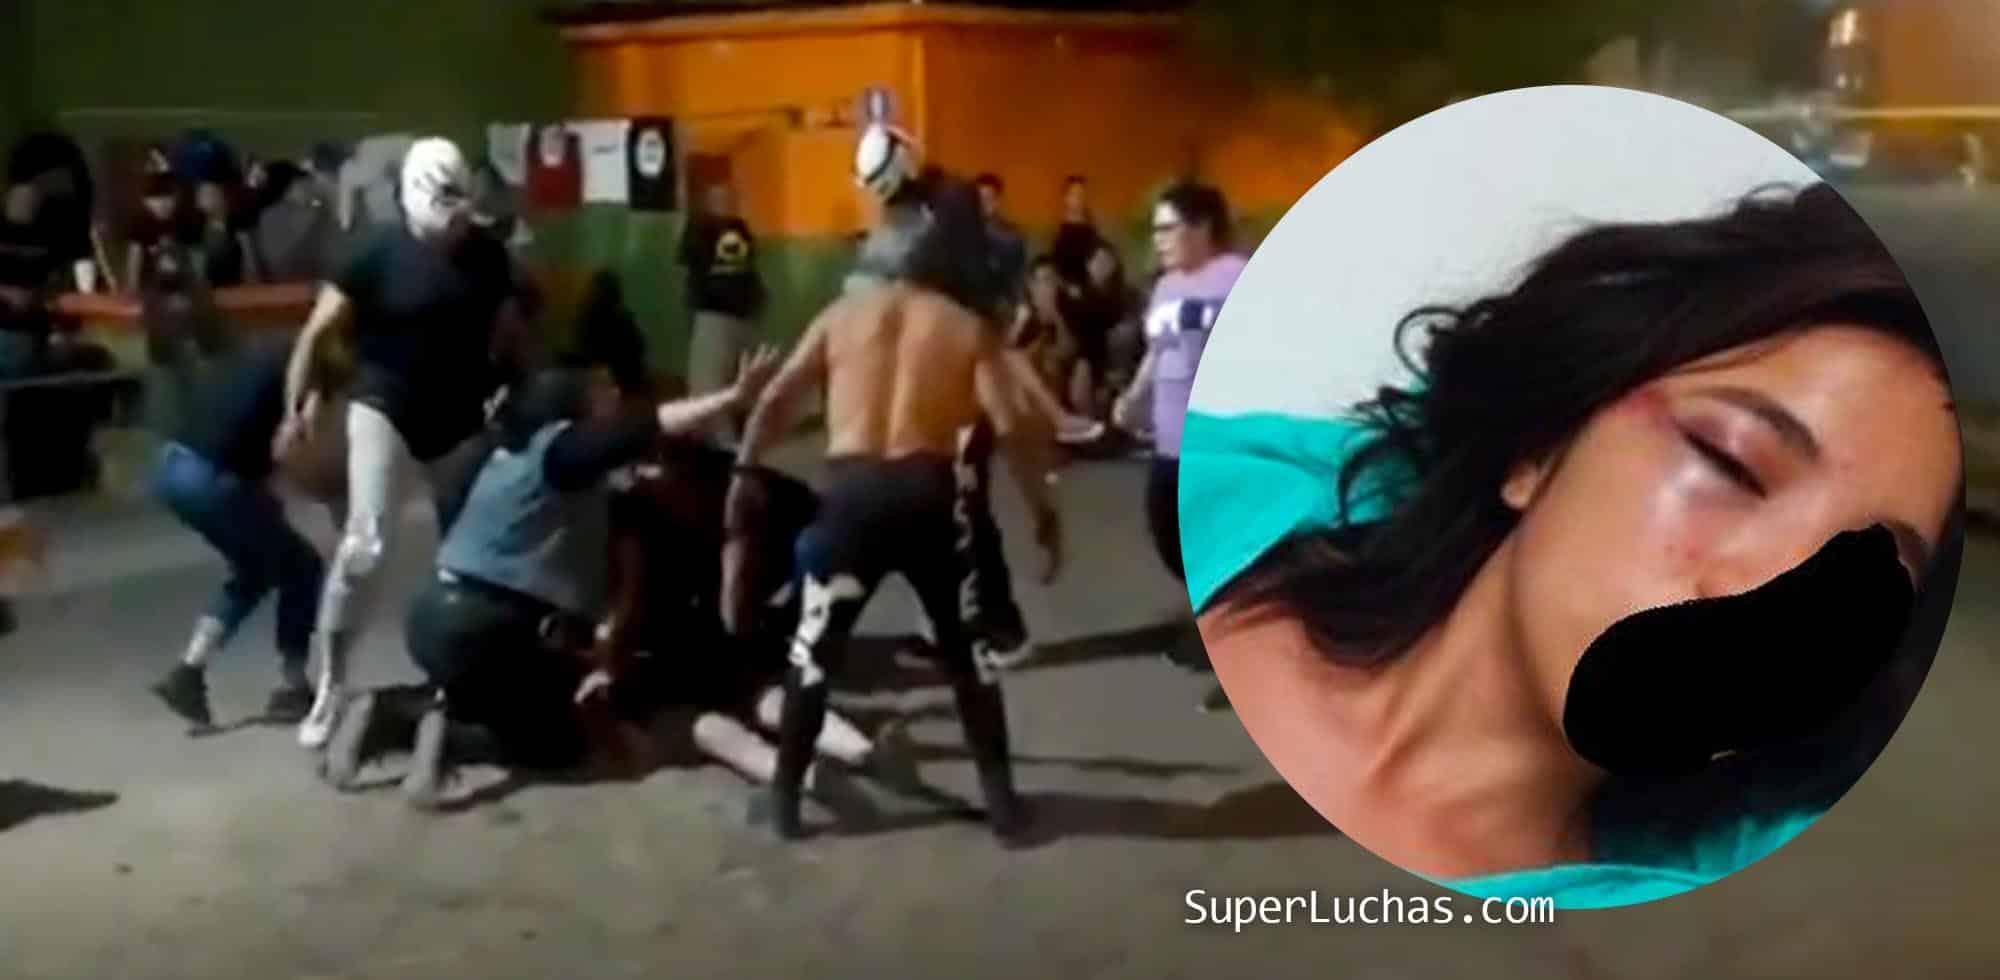 La Enigmática: Lo lamentable de la lucha libre quedó en evidencia 1